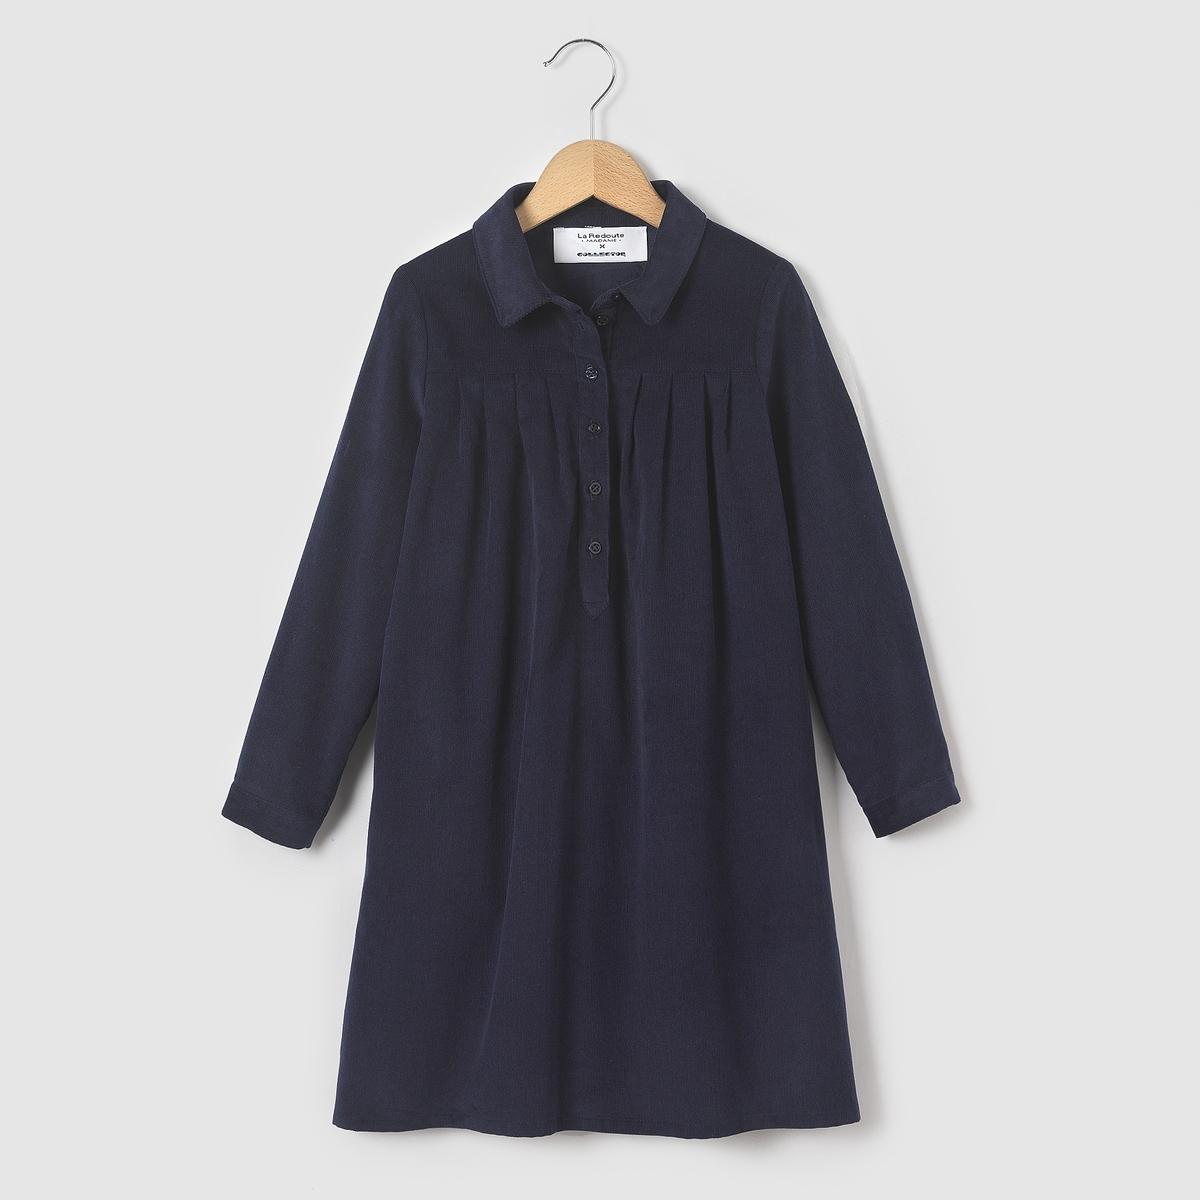 Платье-рубашка из велюра COLLECTOR, 3-12 летПлатье-рубашка из велюра с длинными рукавами. Отрезная вставка под грудью. Застежка на пуговицы до пояса спереди. 2 кармана по бокам.Состав и описание : Материал       велюр, 100% хлопокДлина    до середины бедраМарка       abcdR   Уход :Машинная стирка при 30 °C с вещами схожих цветов.Стирать и гладить с изнаночной стороны.Машинная сушка запрещена.Гладить при умеренной температуре.<br><br>Цвет: синий морской